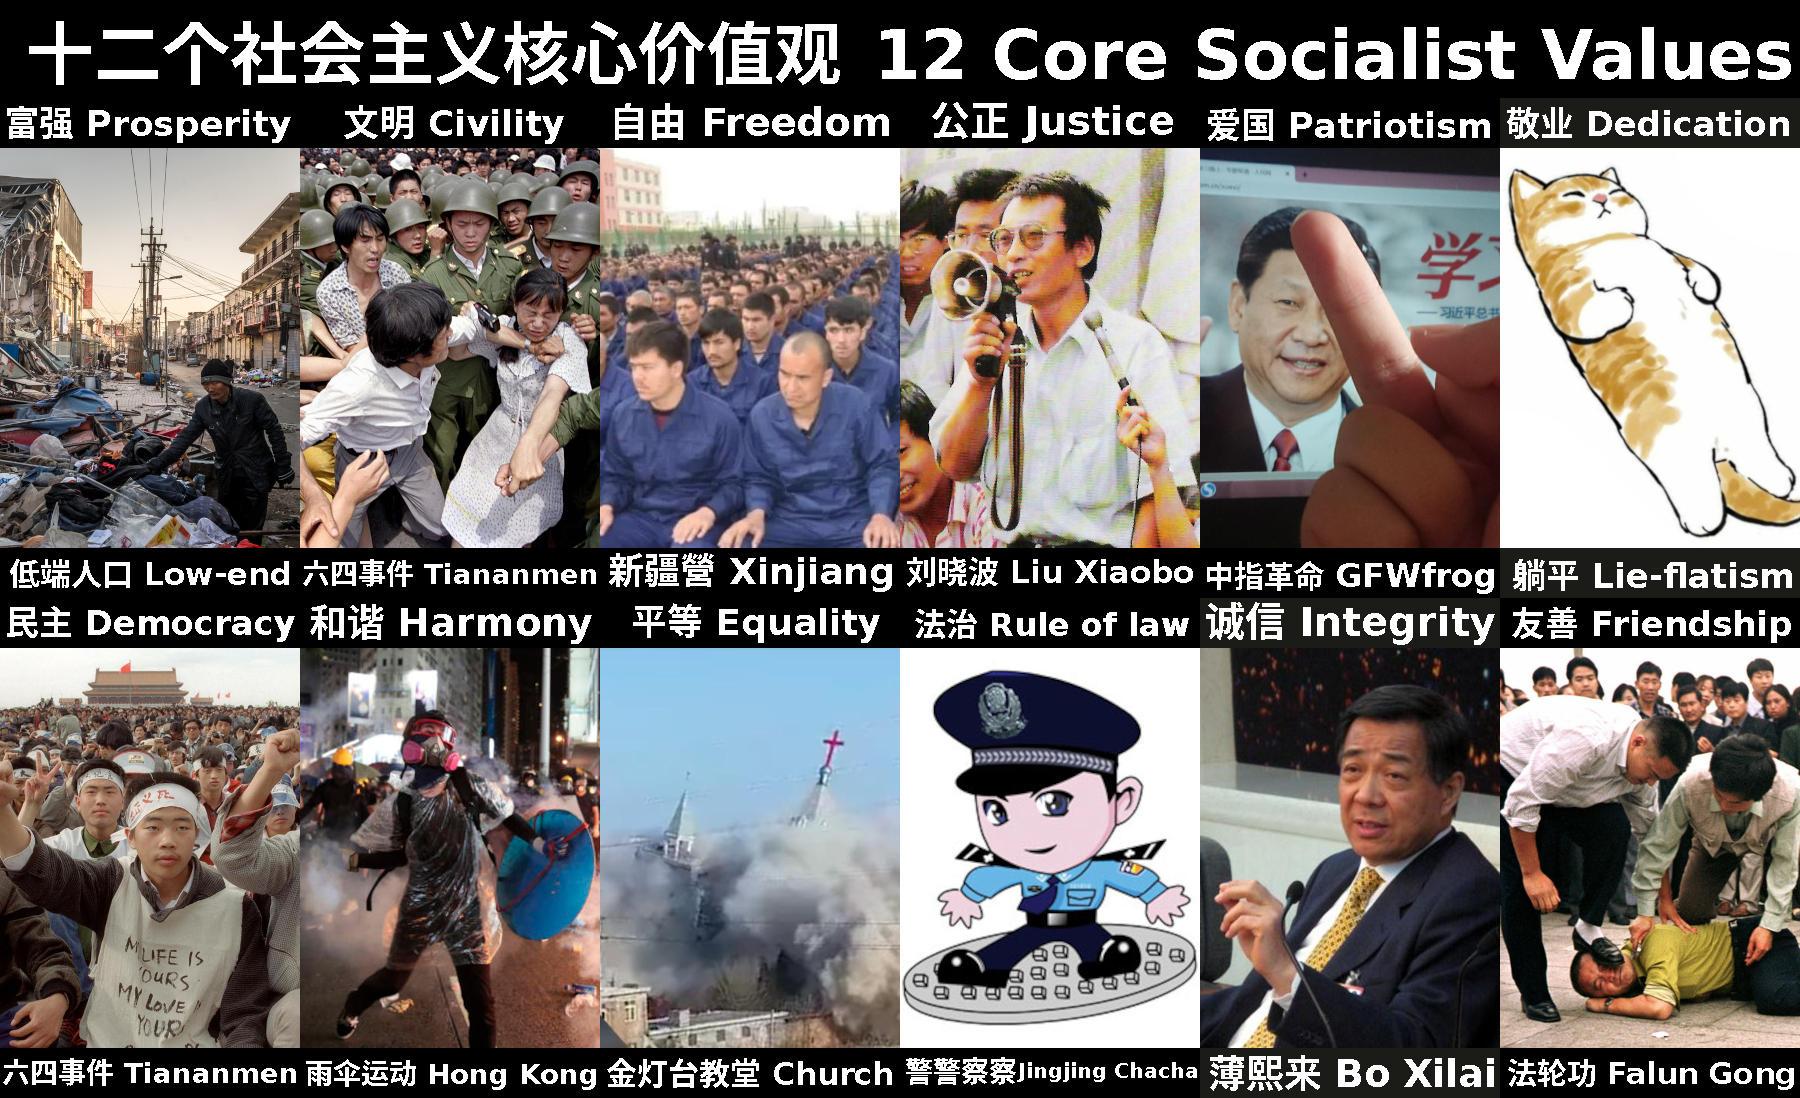 Core socialist values